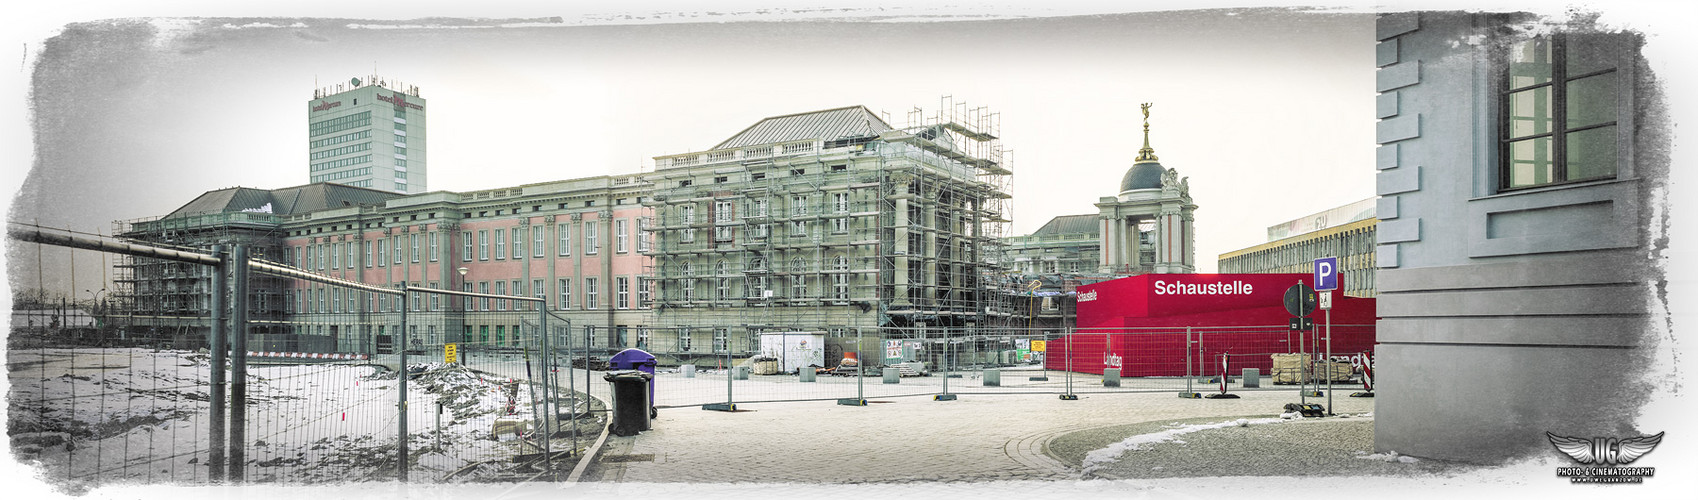 Potsdamer Stadtschloss, Februar 2013